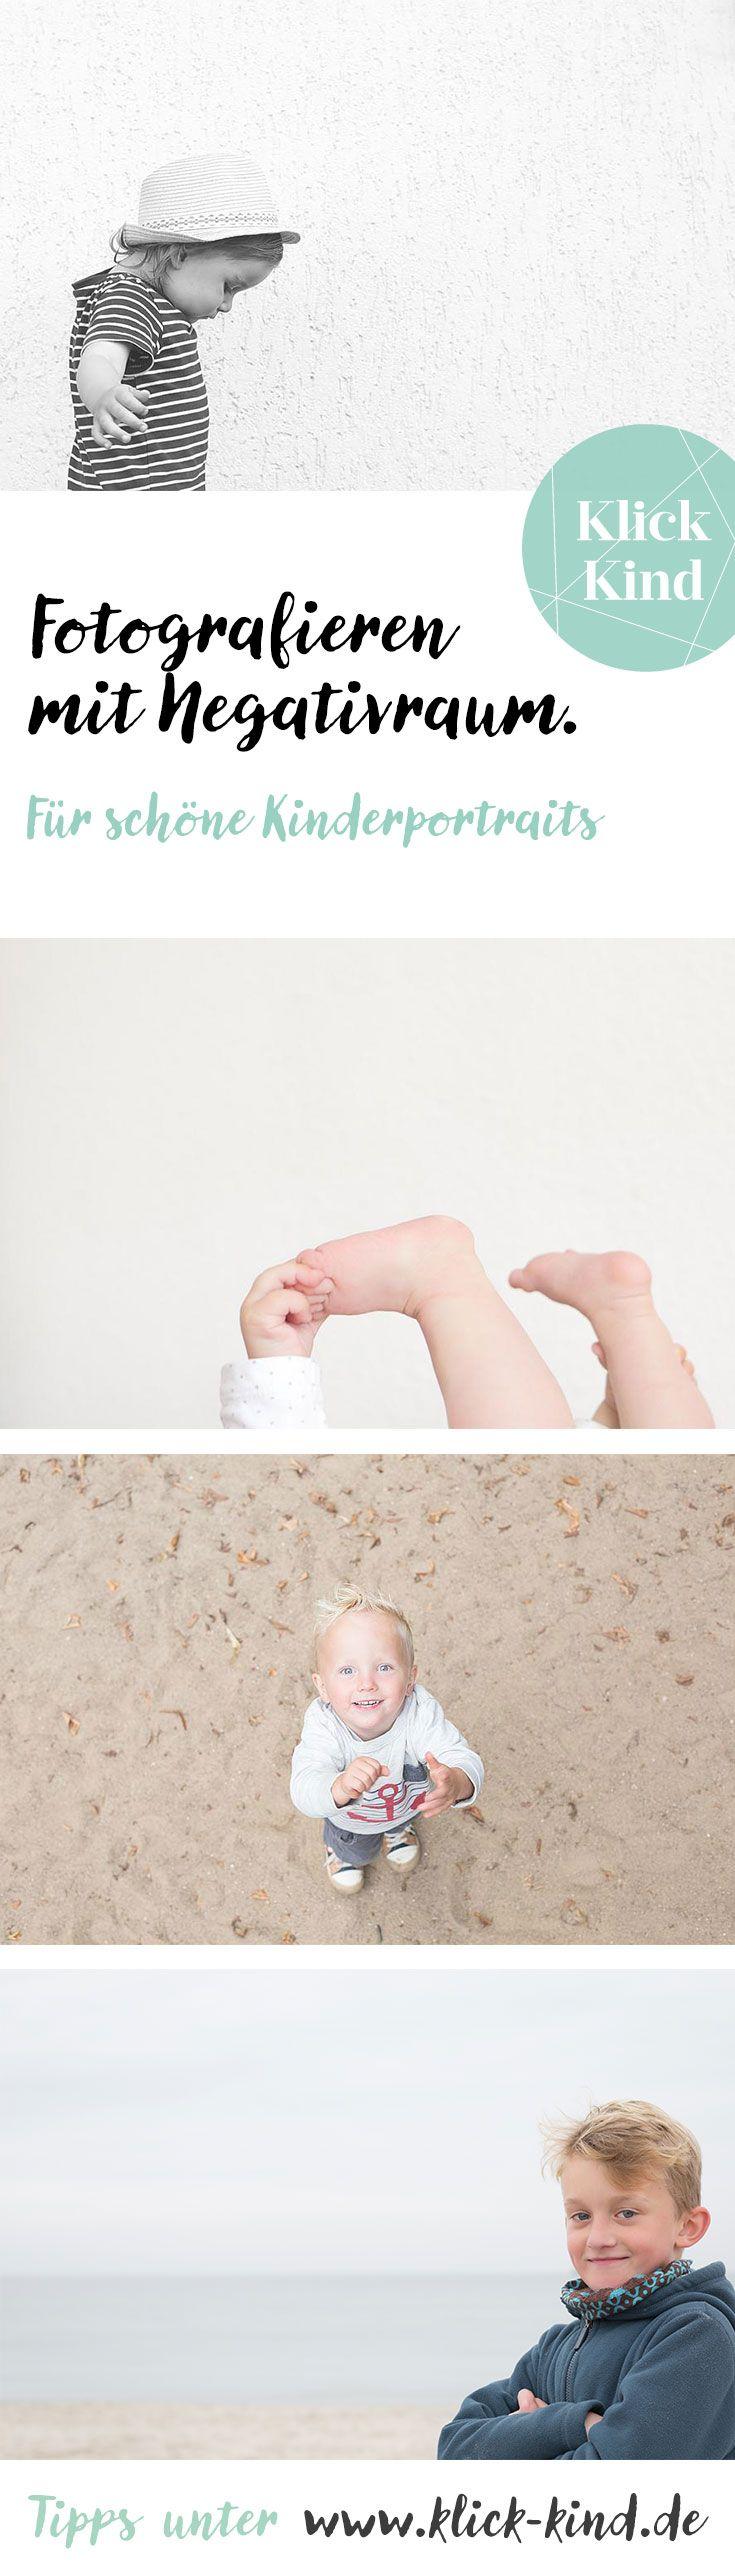 Fotografie-Tipps für minimalistische Kinderfotos mit Negativraum – Klick.Kind